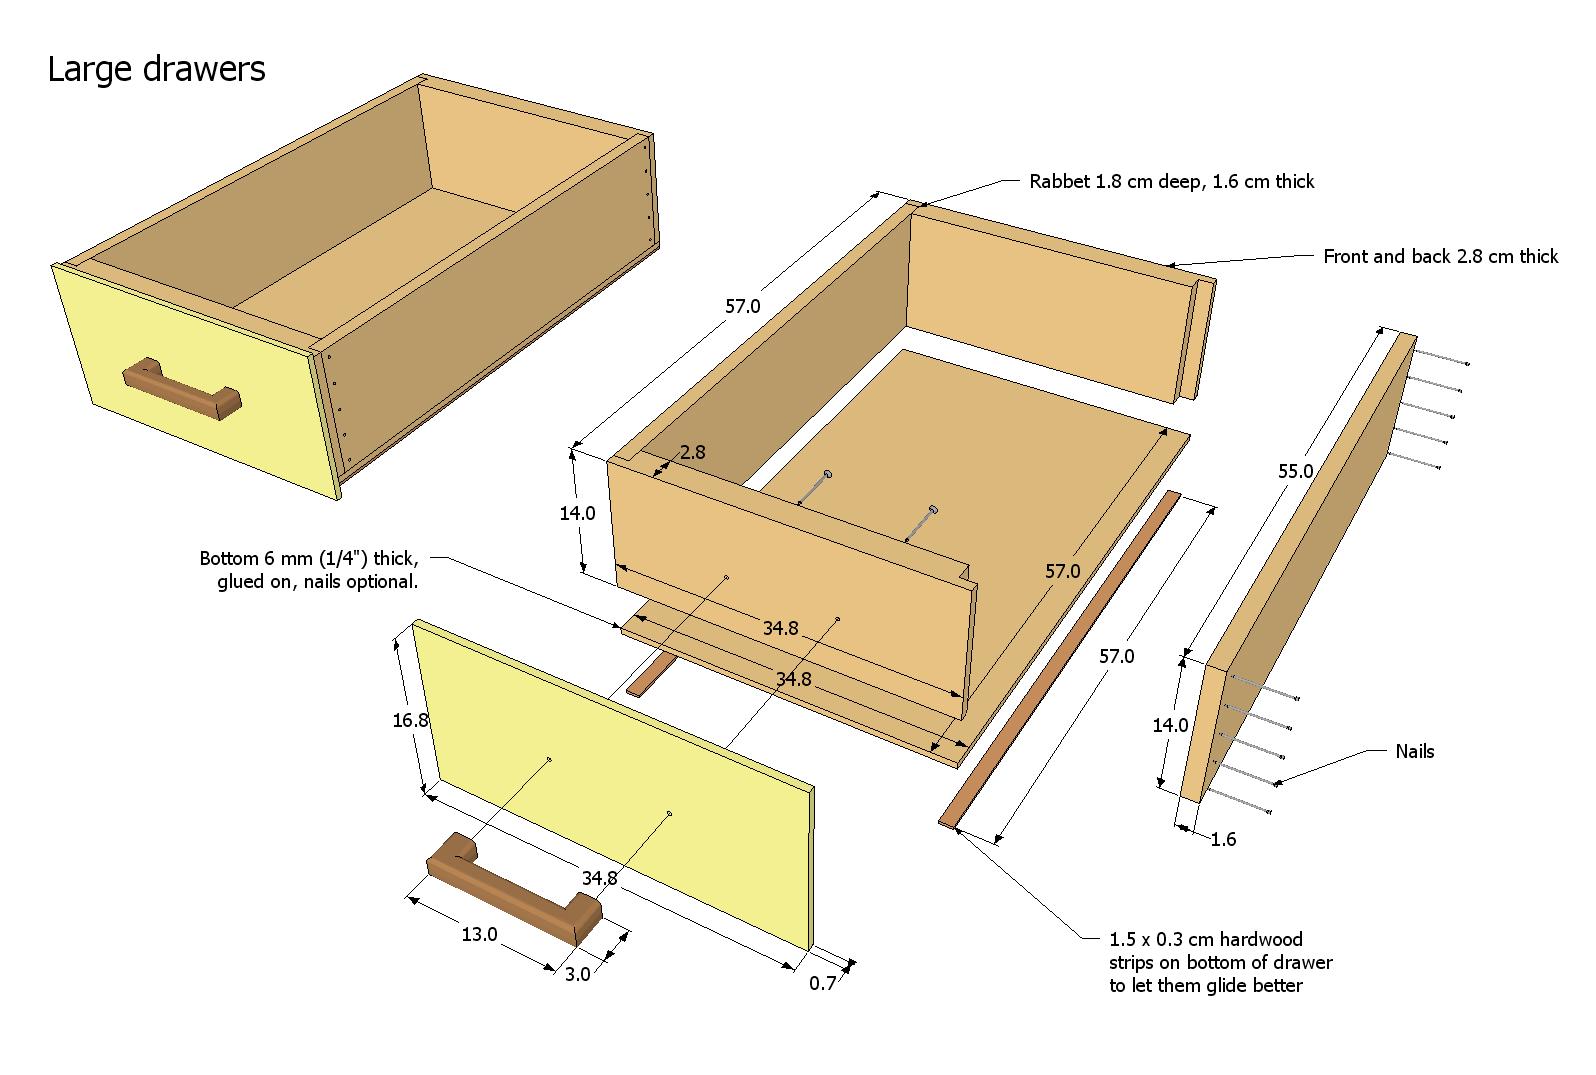 Building drawer slides from wood joy studio design for Plan design build